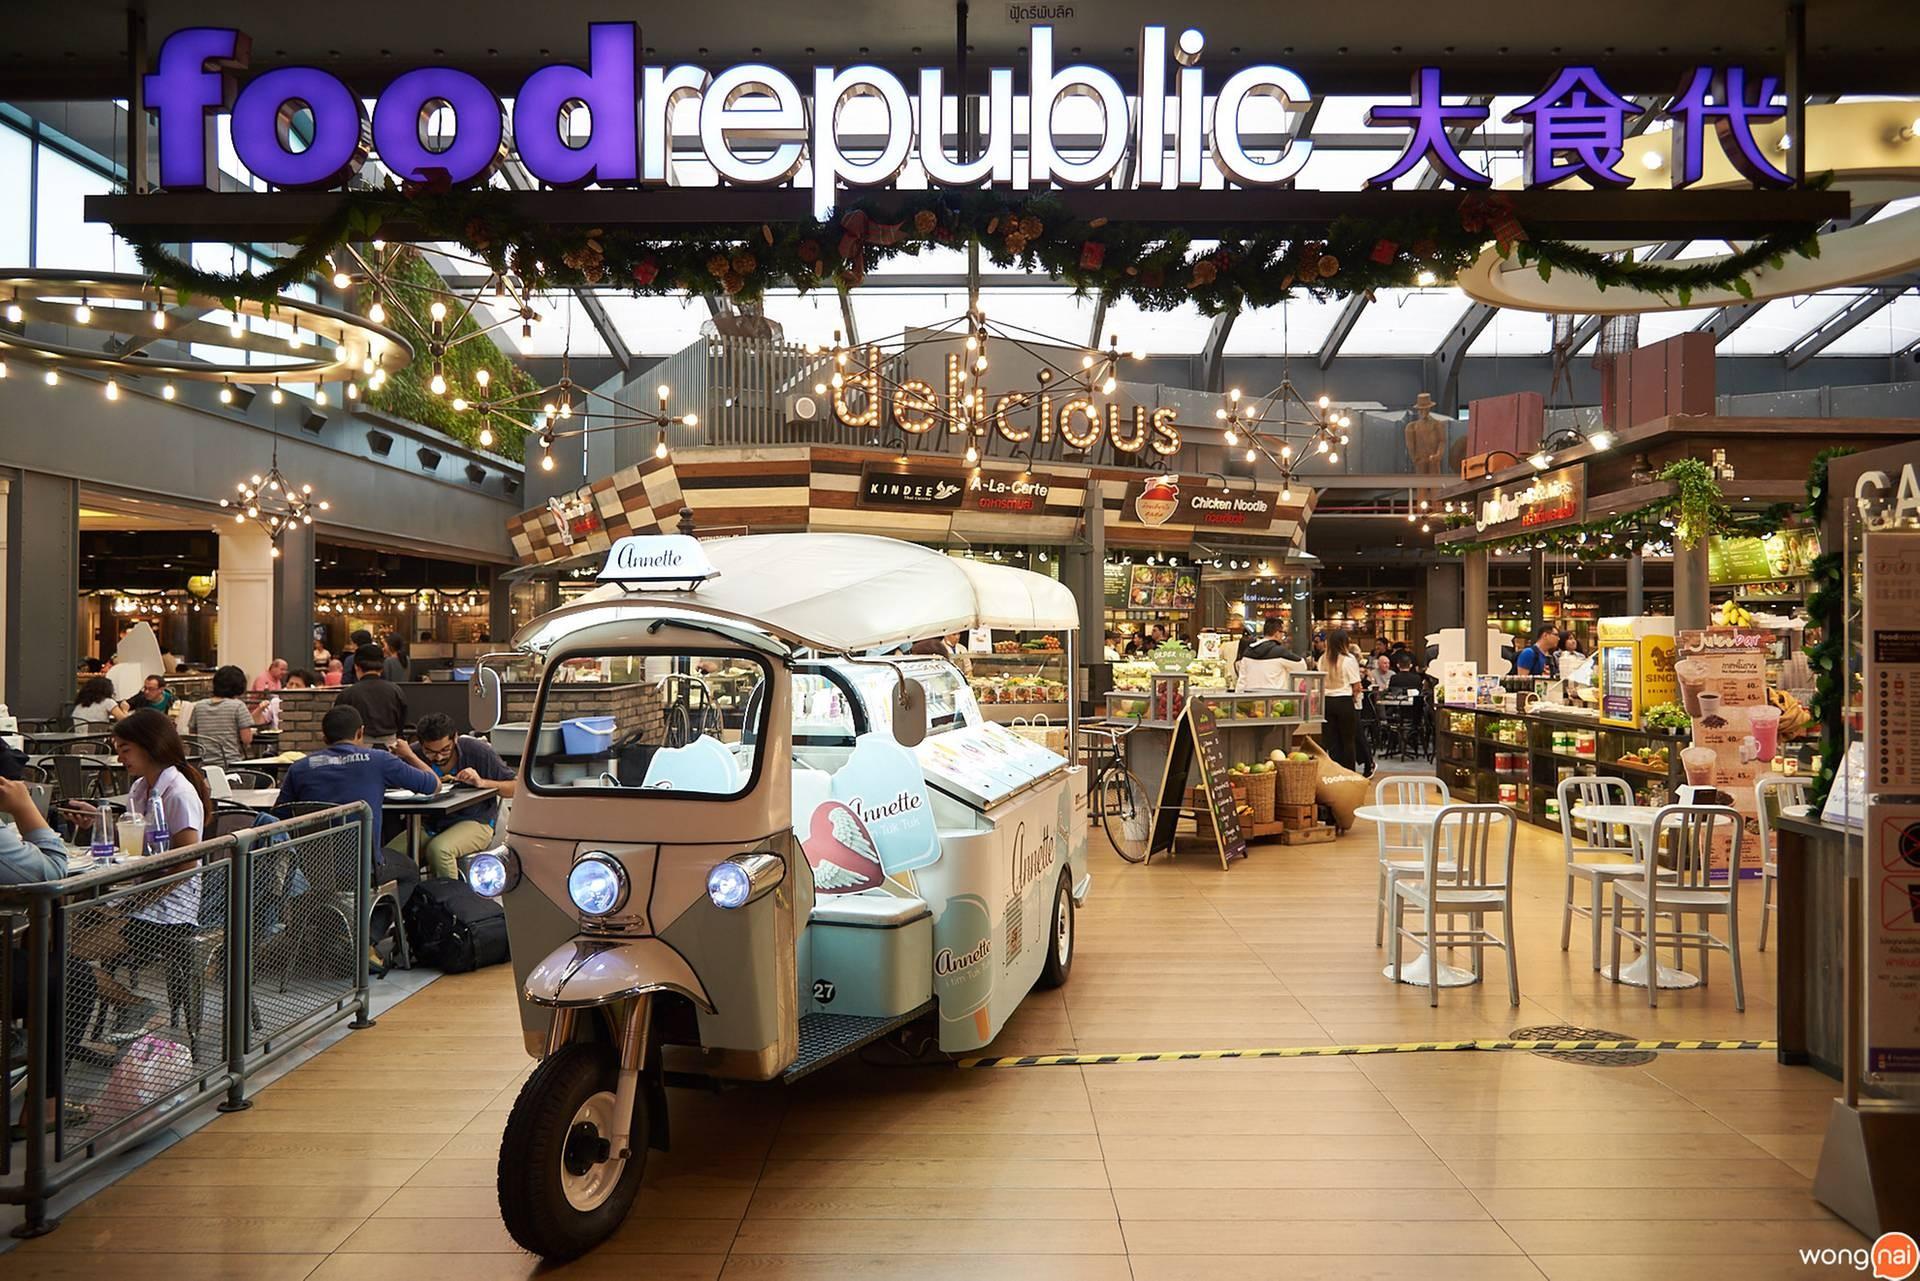 บรรยากาศ Food Republic